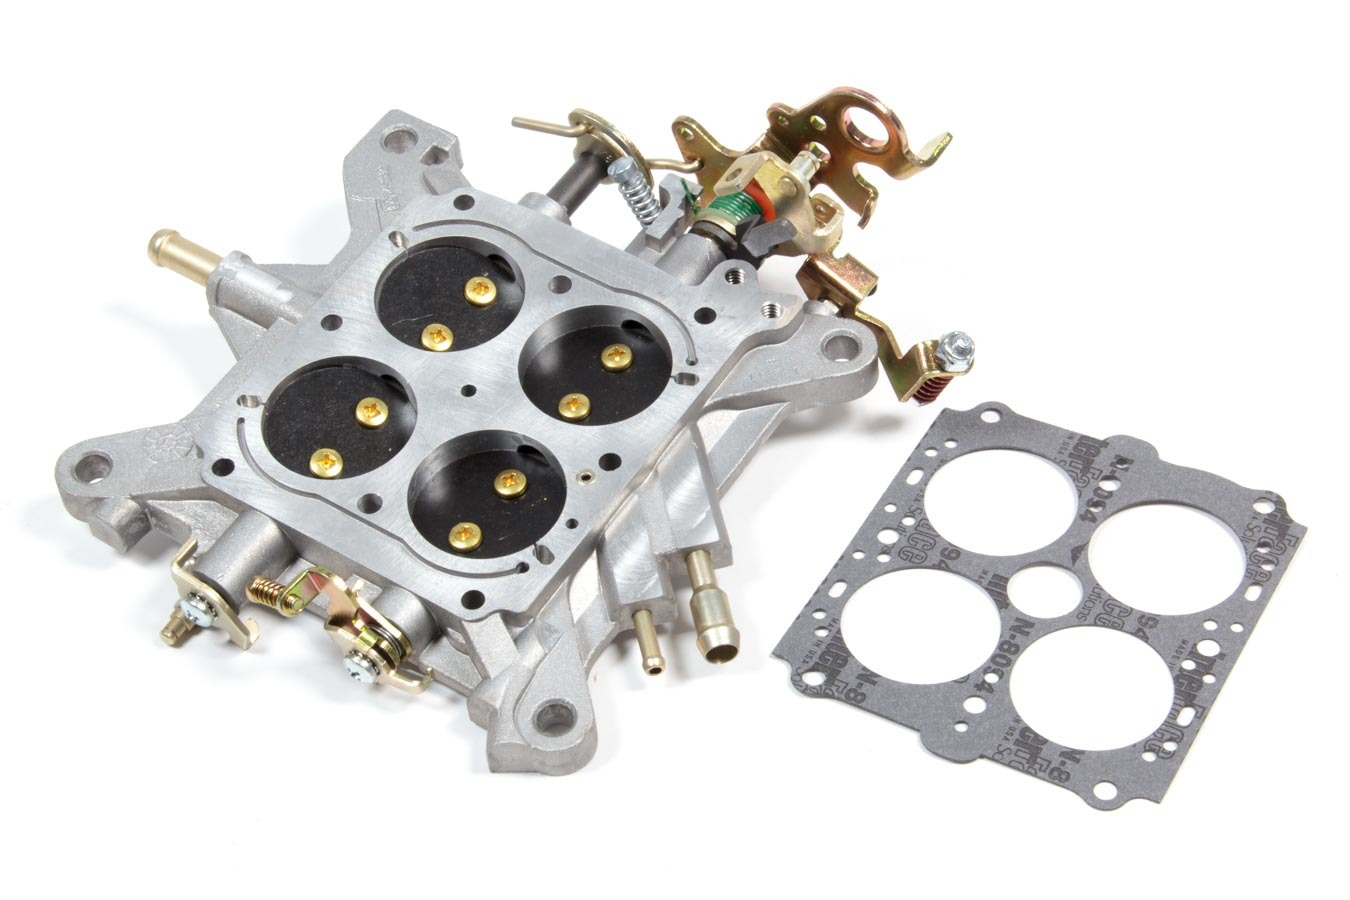 Holley 112-20 Carburetor Base Plate, Complete, Aluminum, Natural, Holley 4160 Carburetor, Each